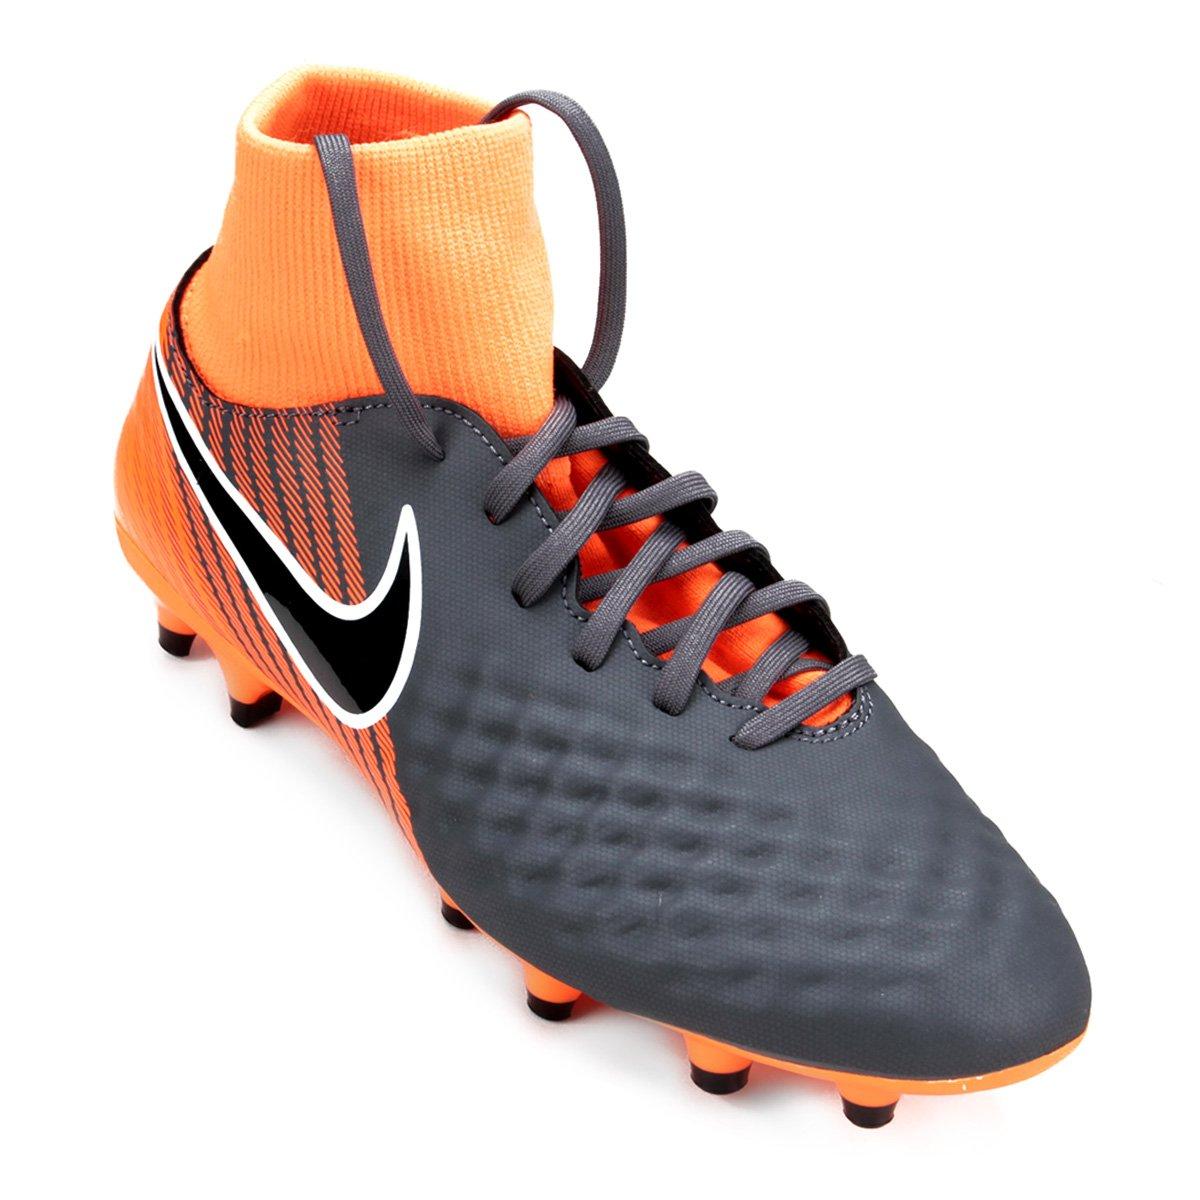 61473b08cb Chuteira Campo Nike Magista Obra 2 Academy DF FG - Cinza e Preto ...